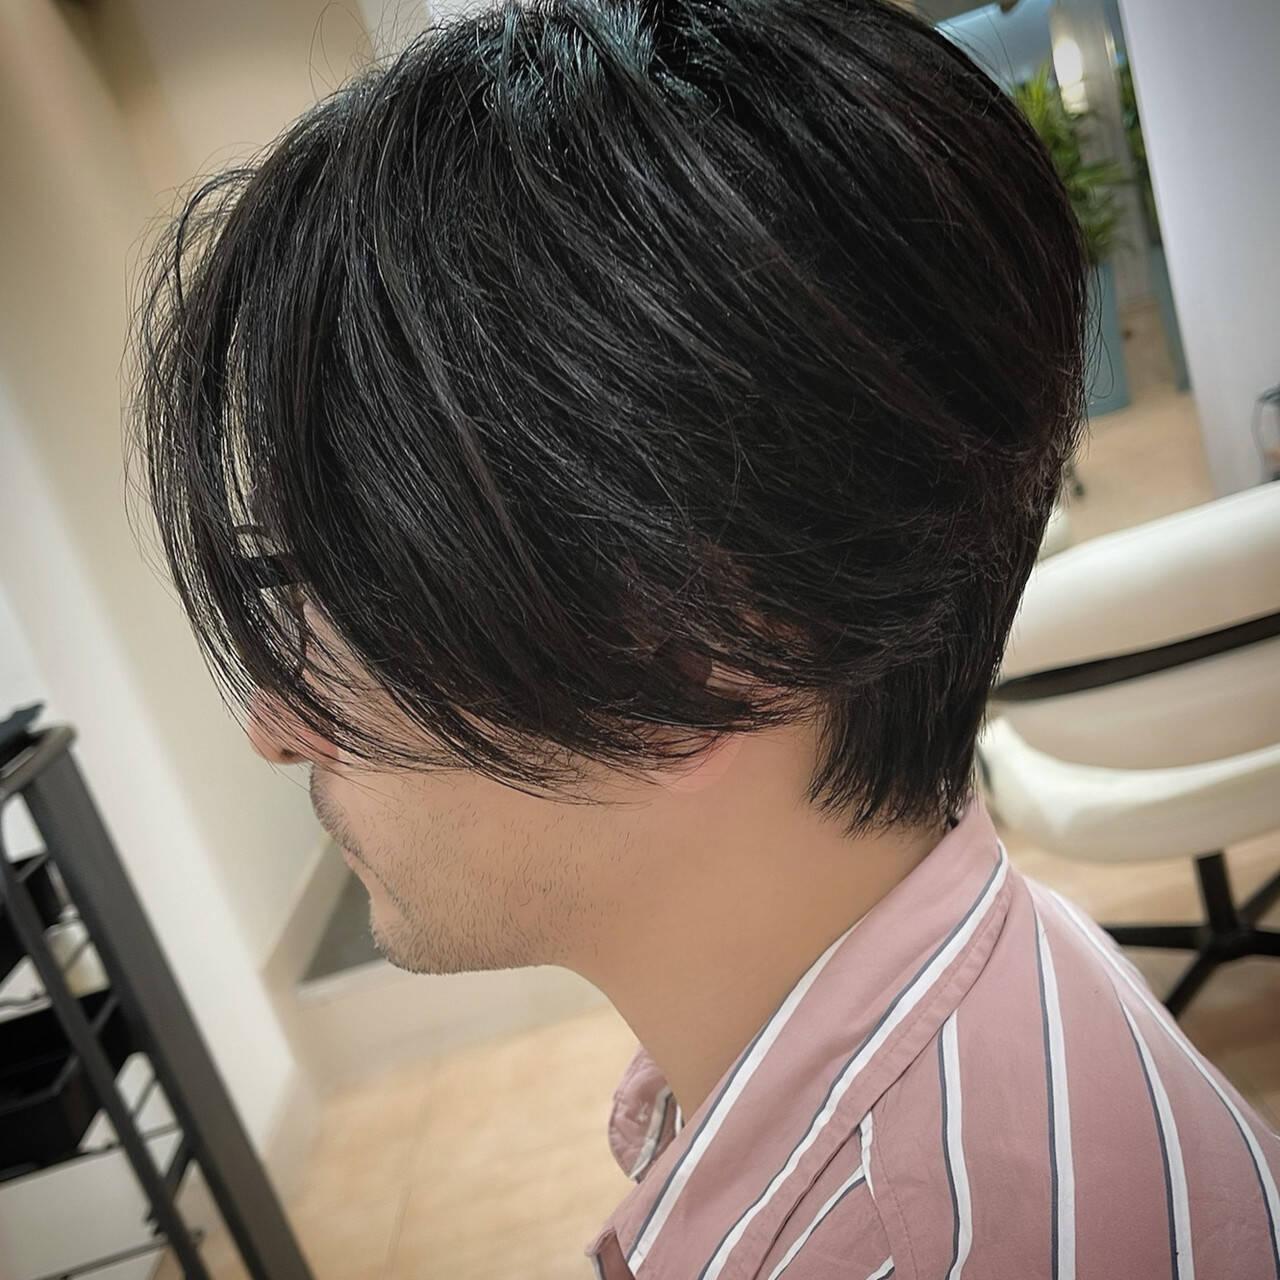 ナチュラル センターパート センター分け ショートヘアスタイルや髪型の写真・画像